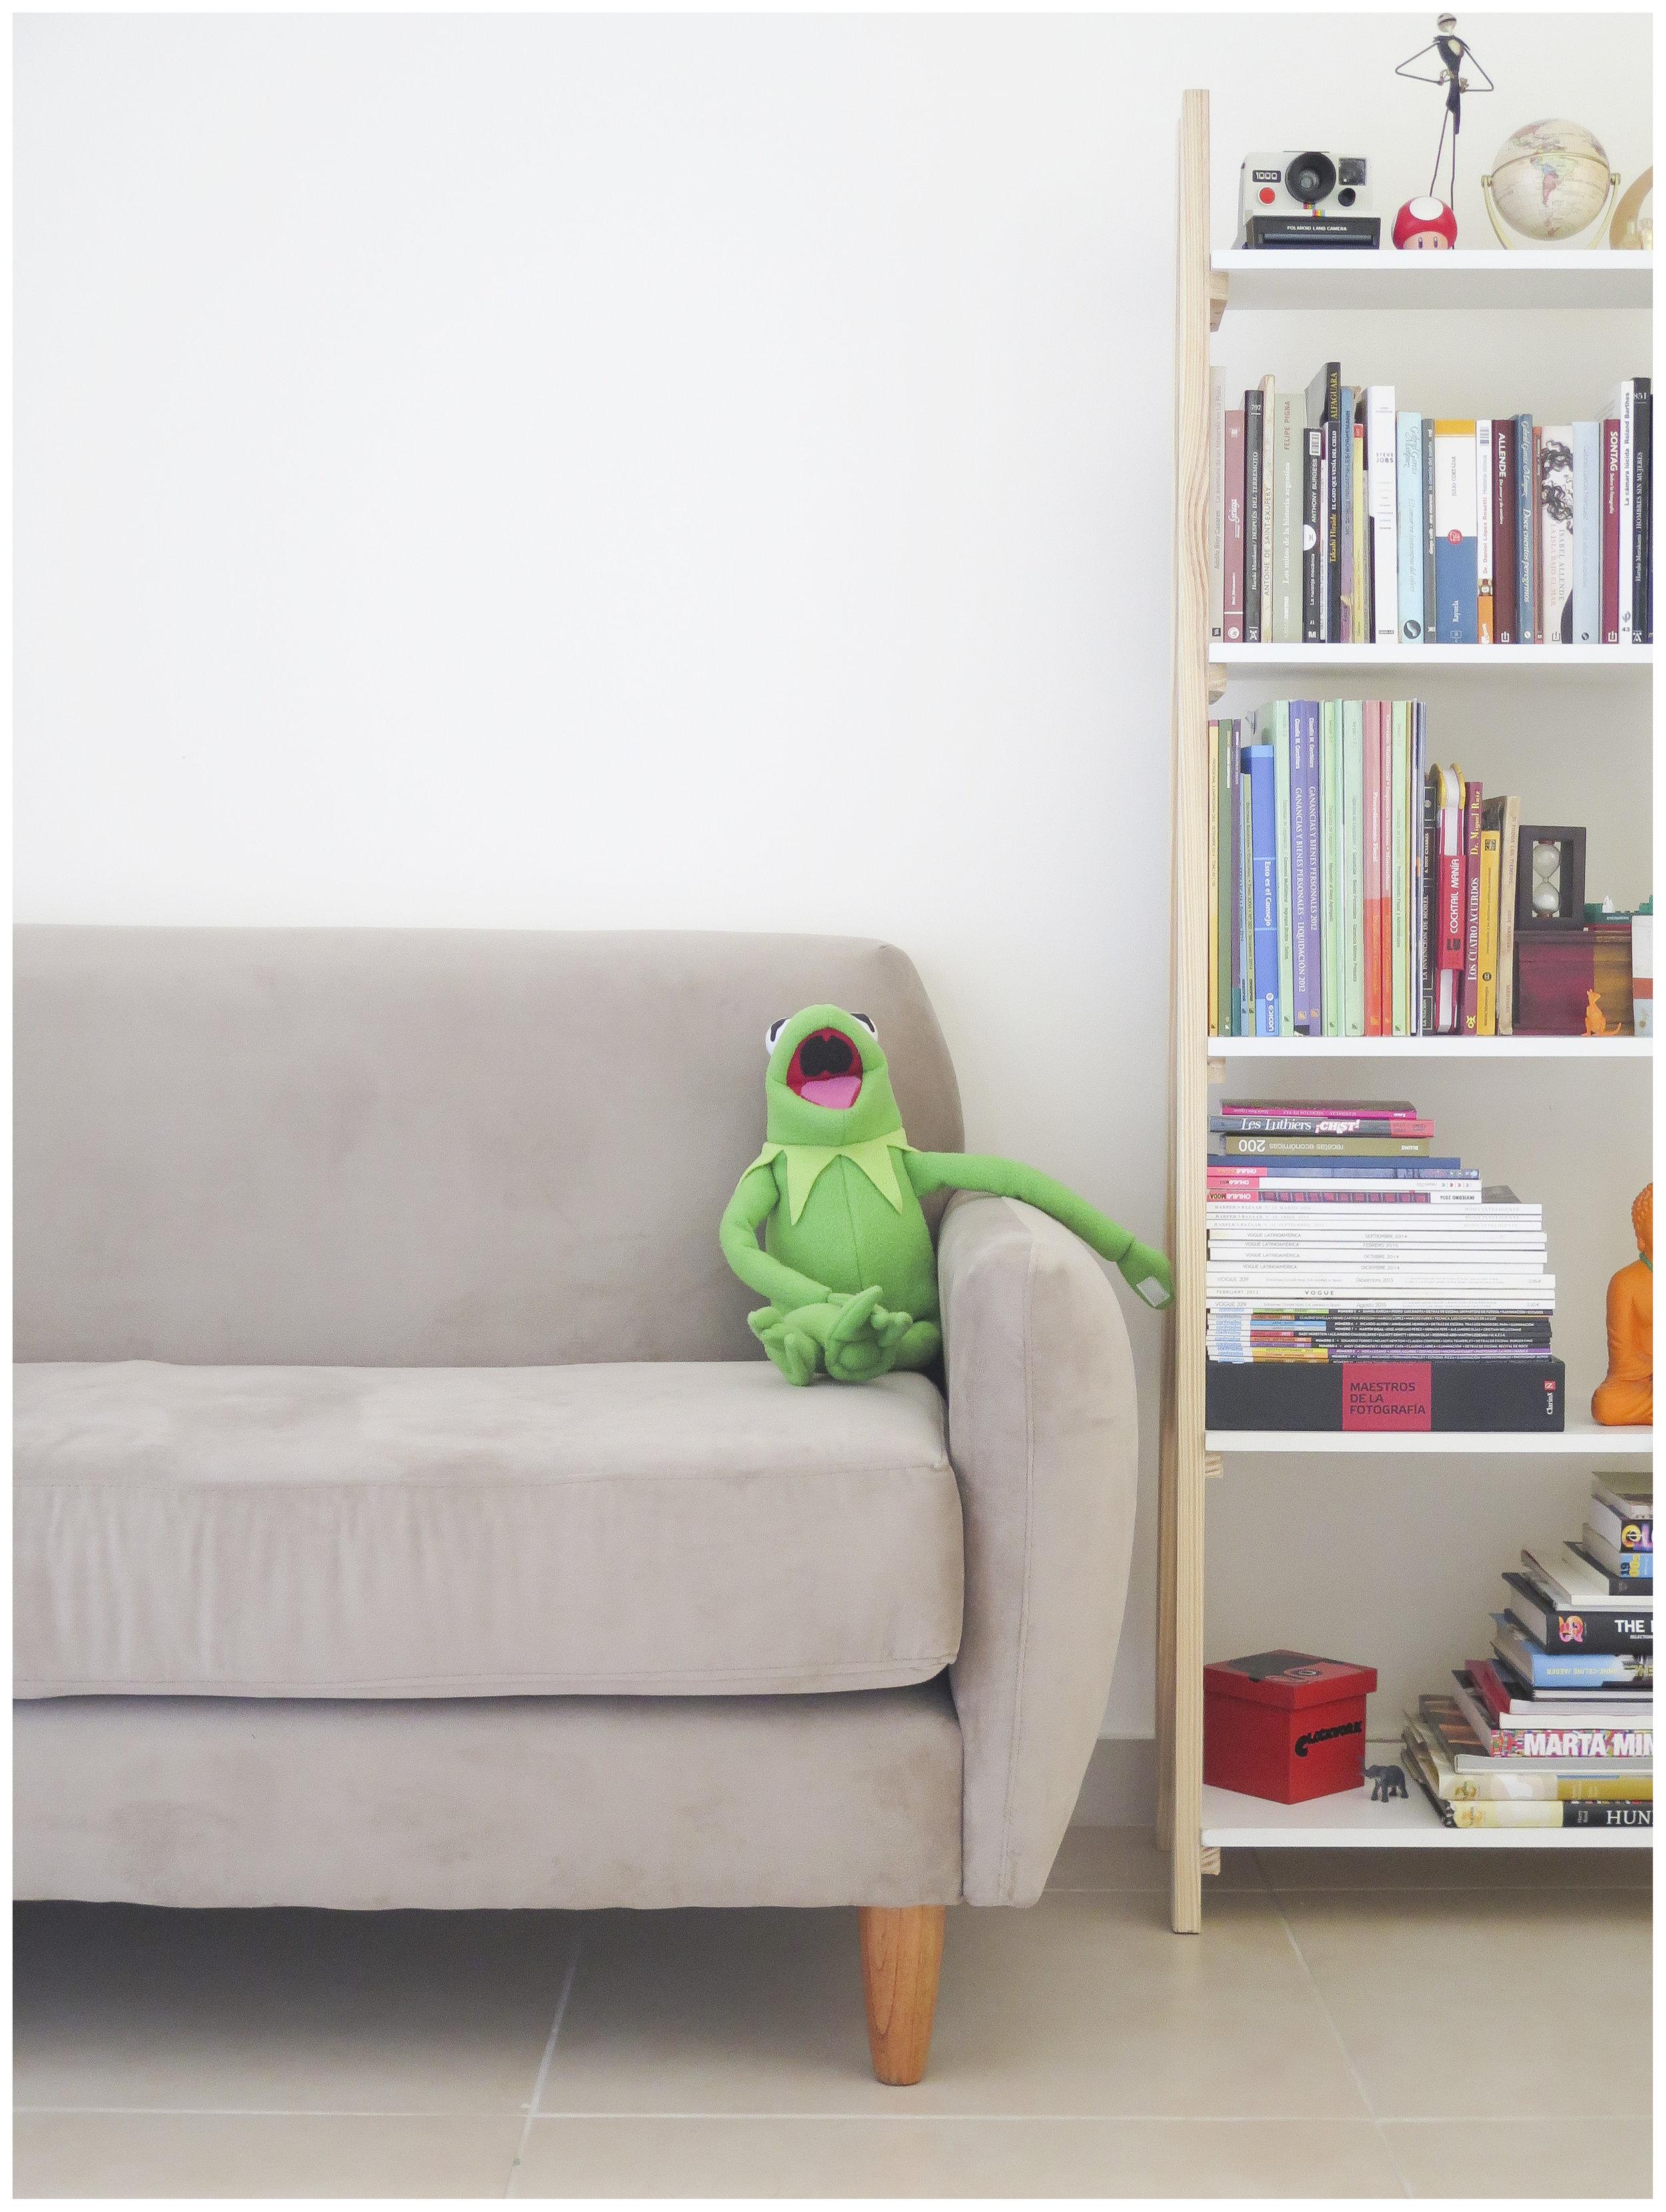 Kermit at the Club